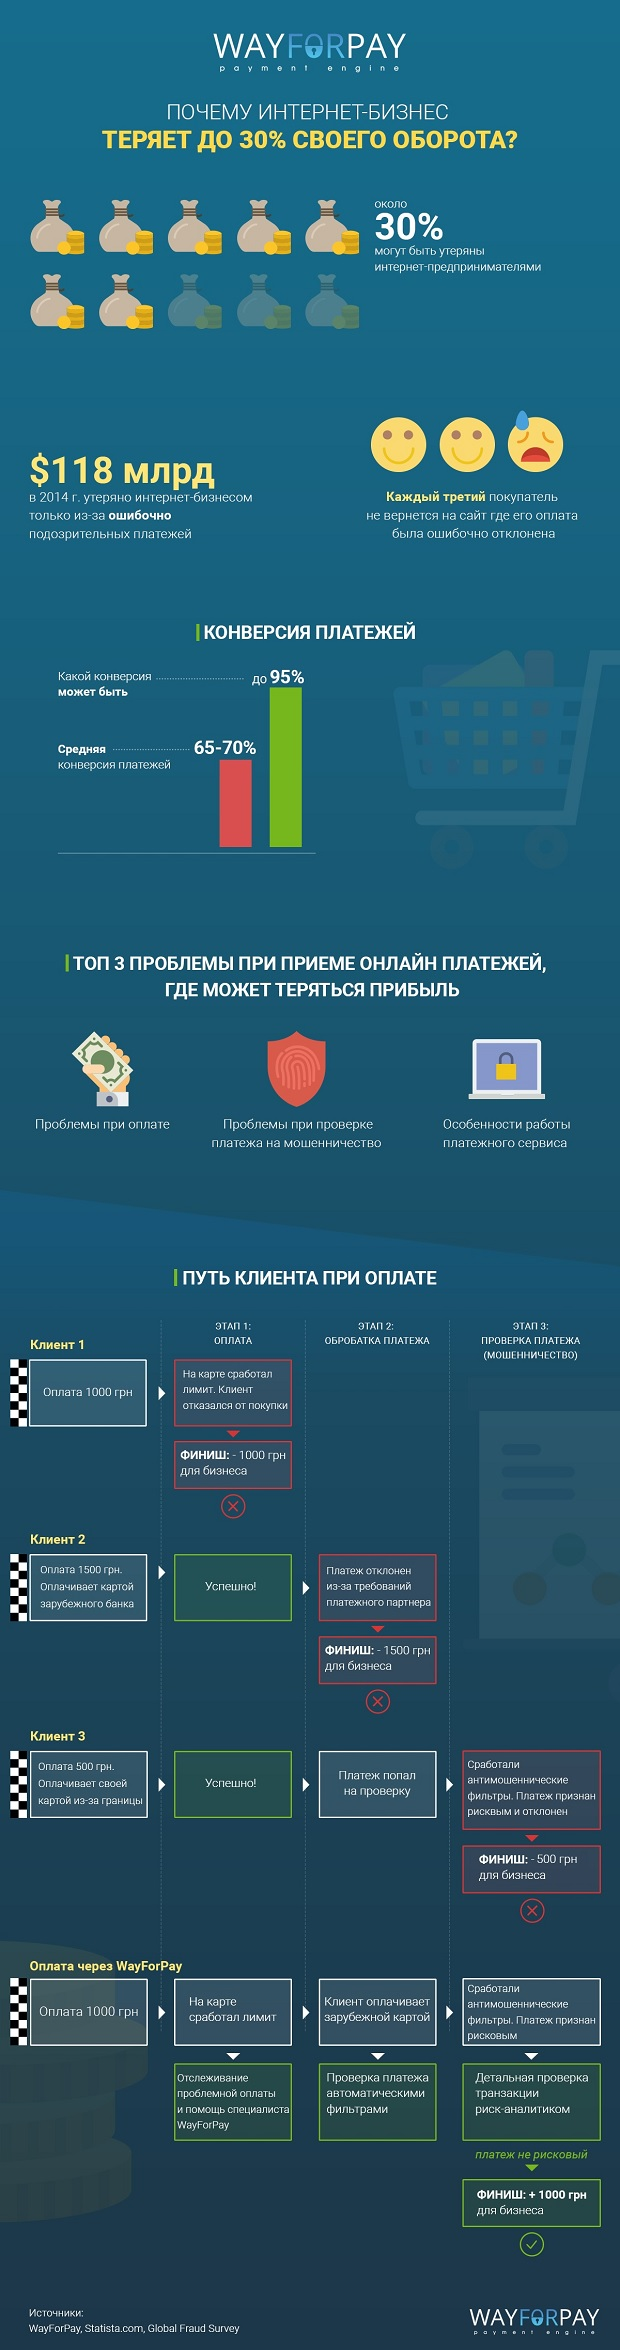 wayforpay_infographics